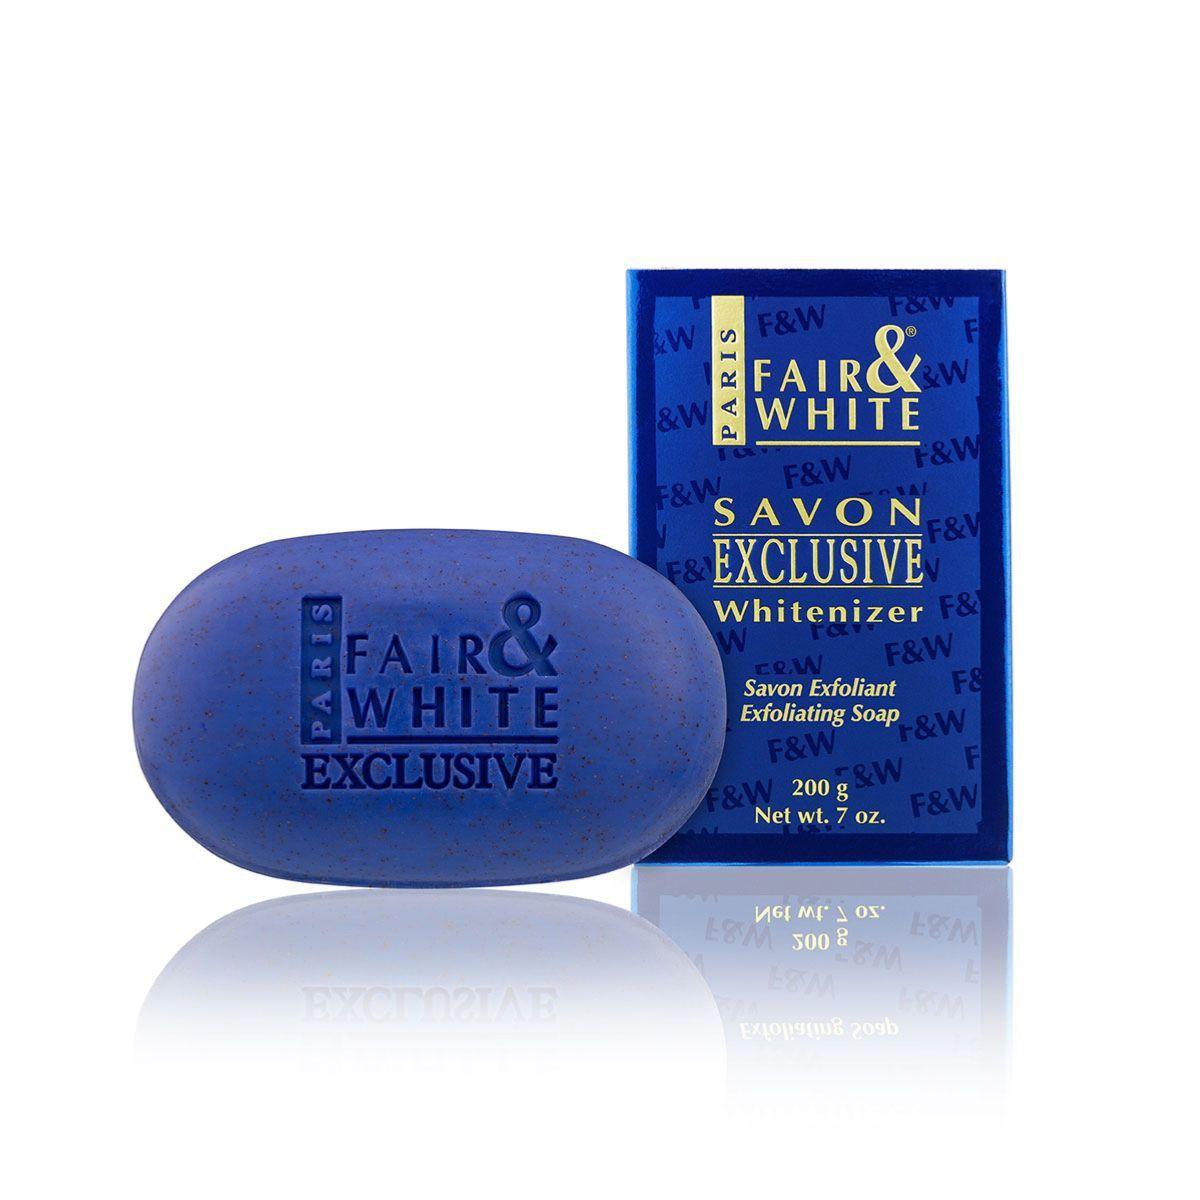 Fair & White Exclusive Whitenizer Exfoliating Soap - 200g